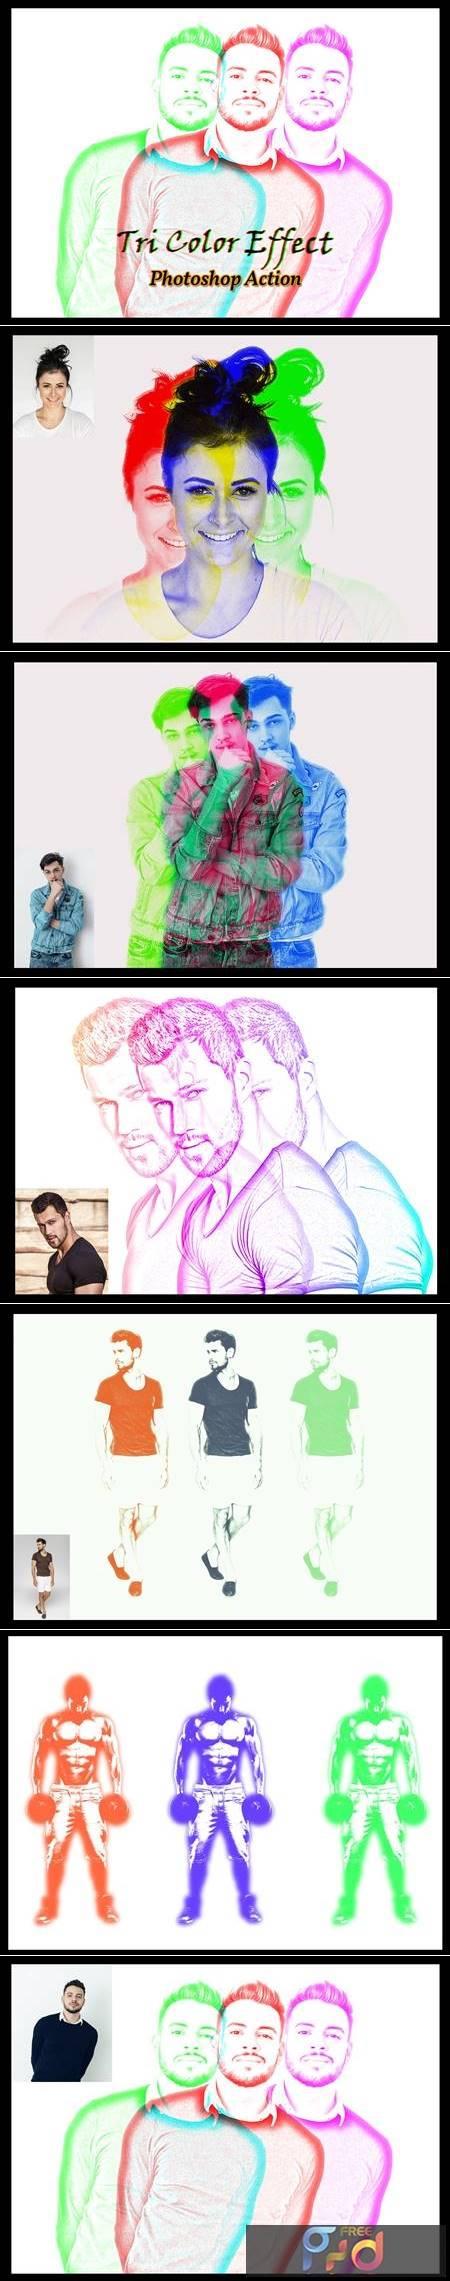 Tri Color Effect Photoshop Action 4834996 1